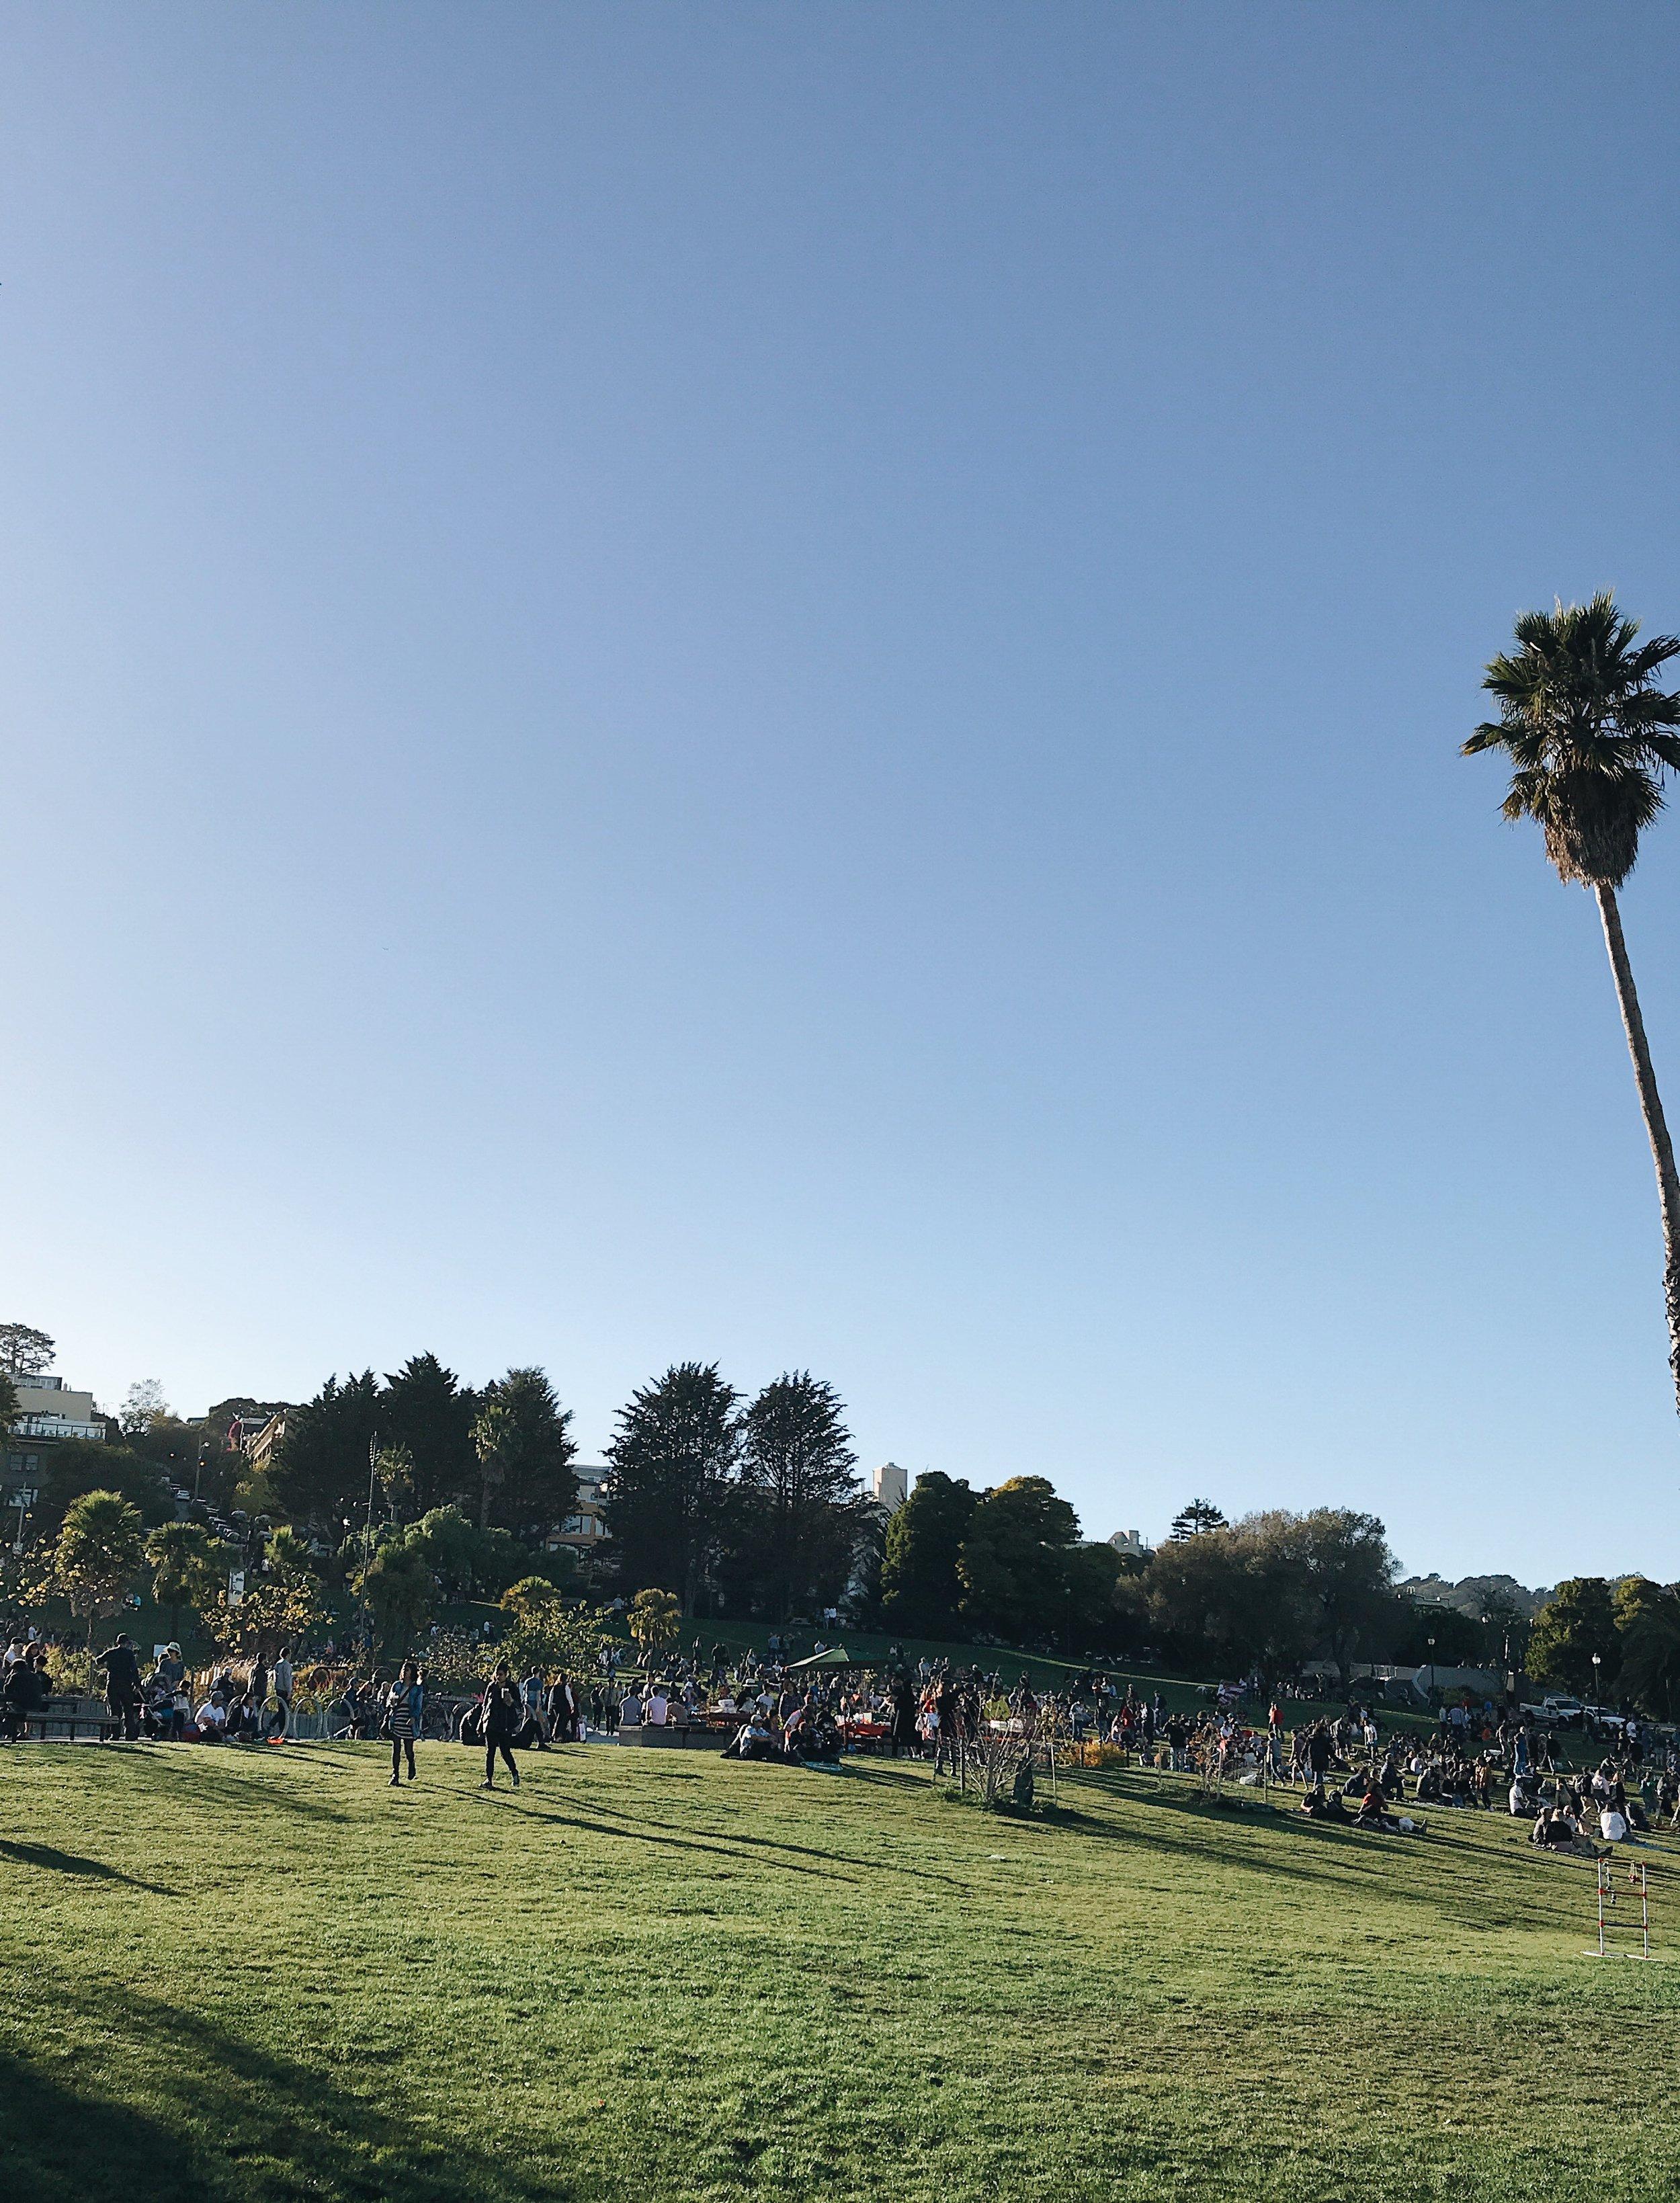 Dolores Park, Mission District, San Francisco